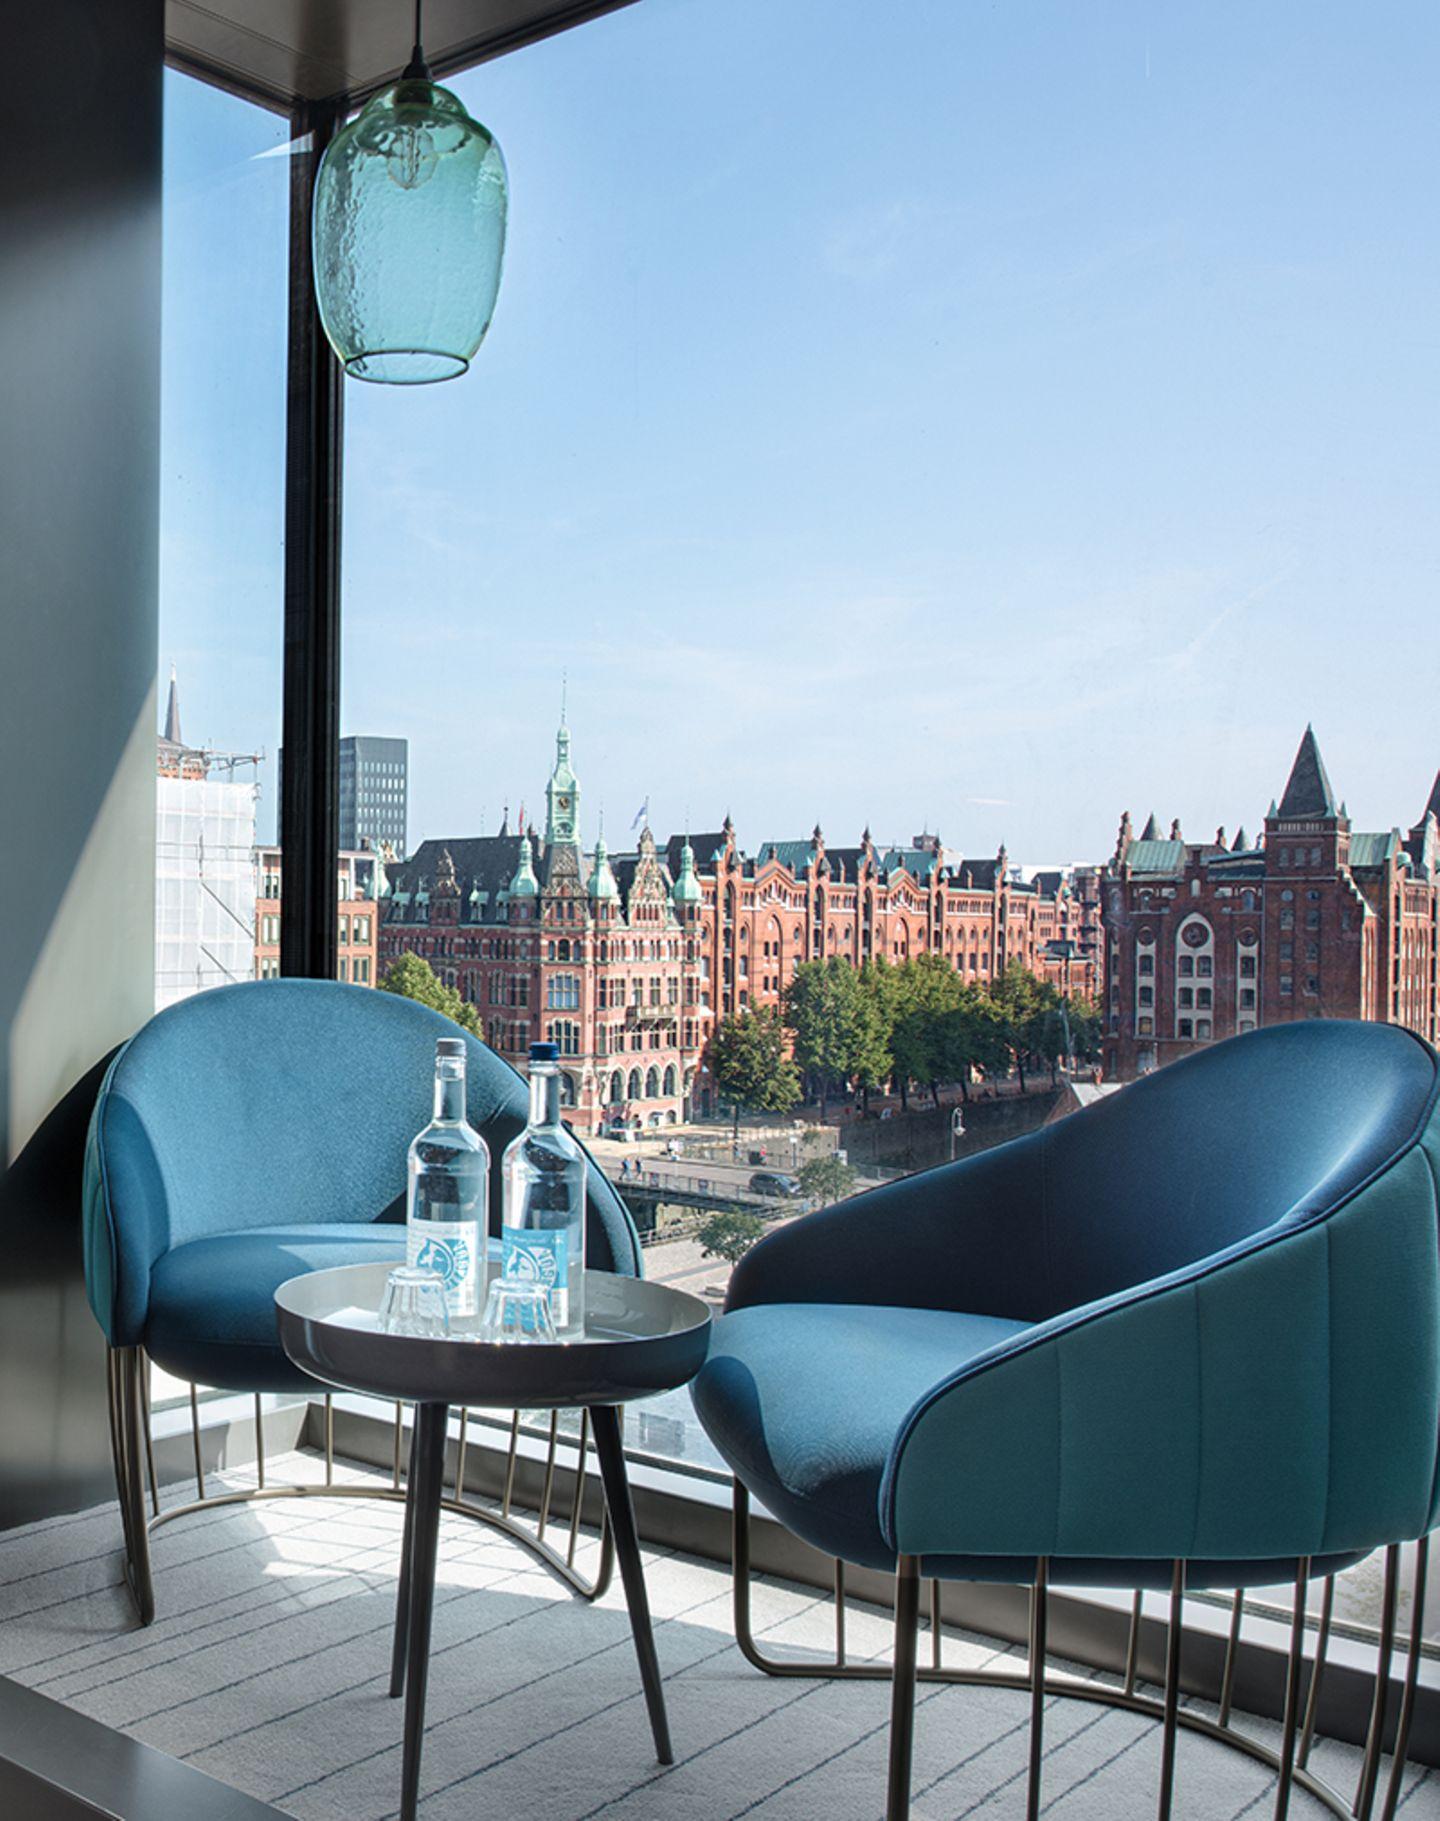 Pierdrei Hotel (Hamburg)